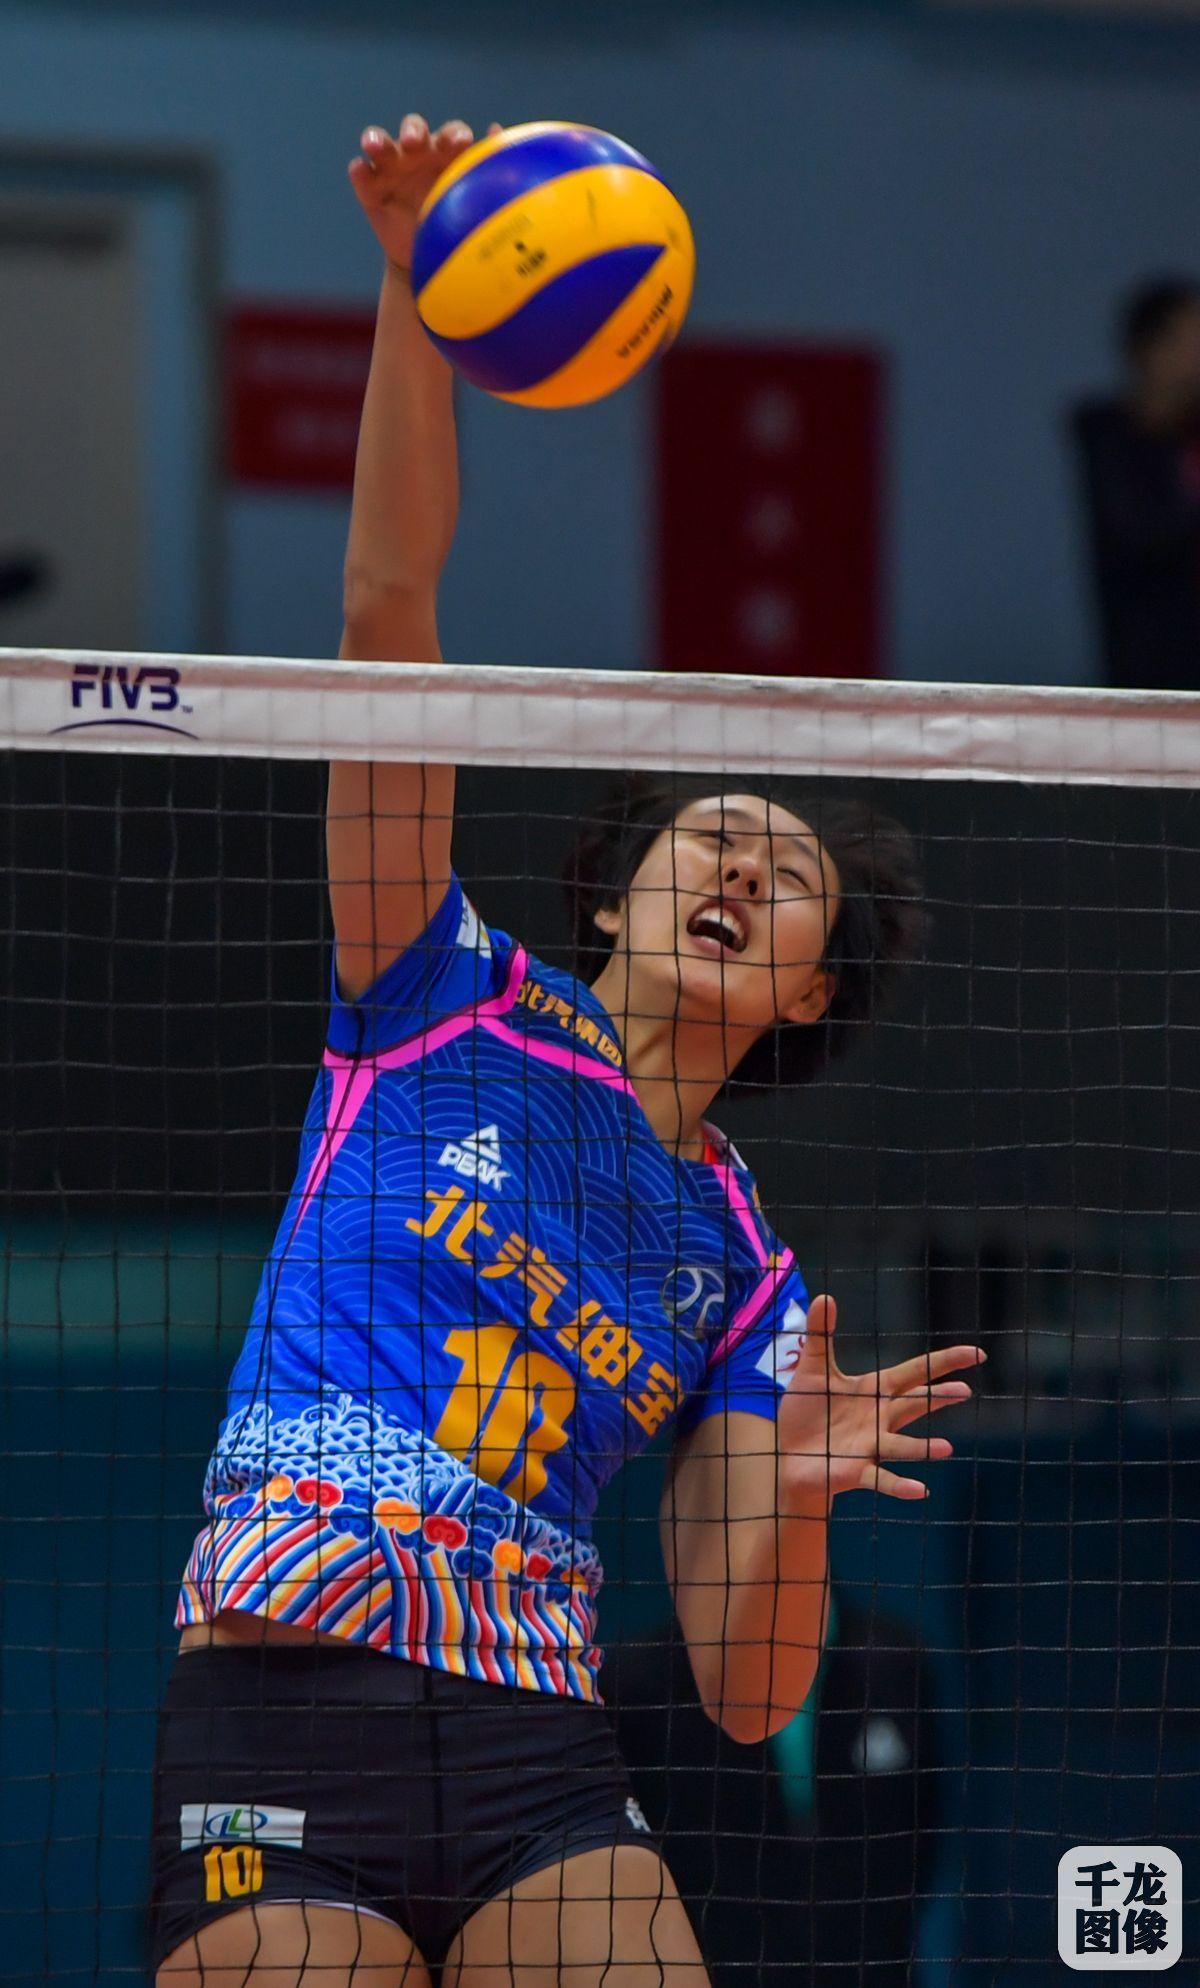 北汽女排主场3比2再胜江苏 首次单赛季主客场